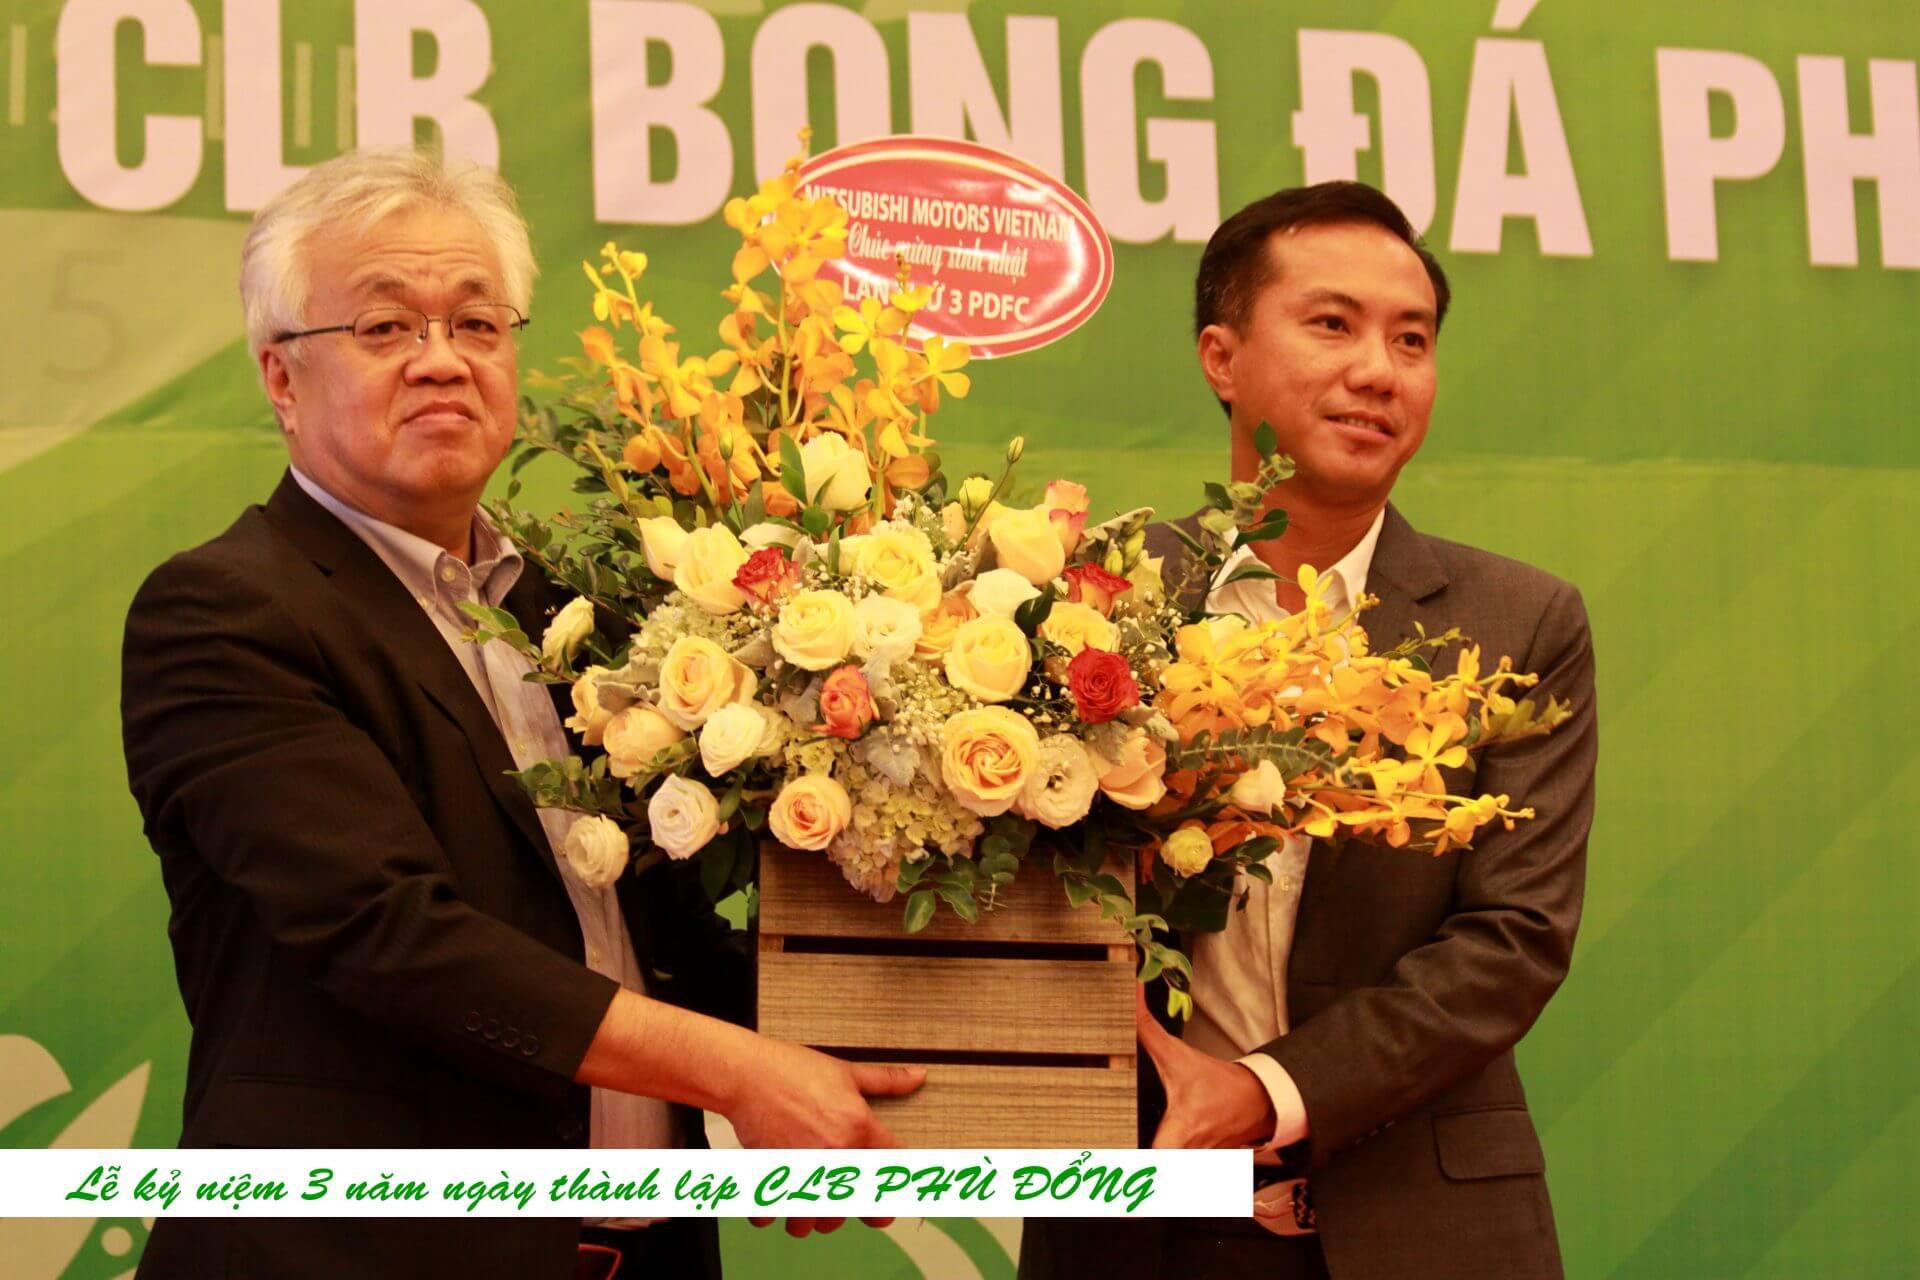 Mitsubishi Motors Vietnam chúc mừng sinh nhật lần thứ 3 CLB Bóng đá Phù Đổng